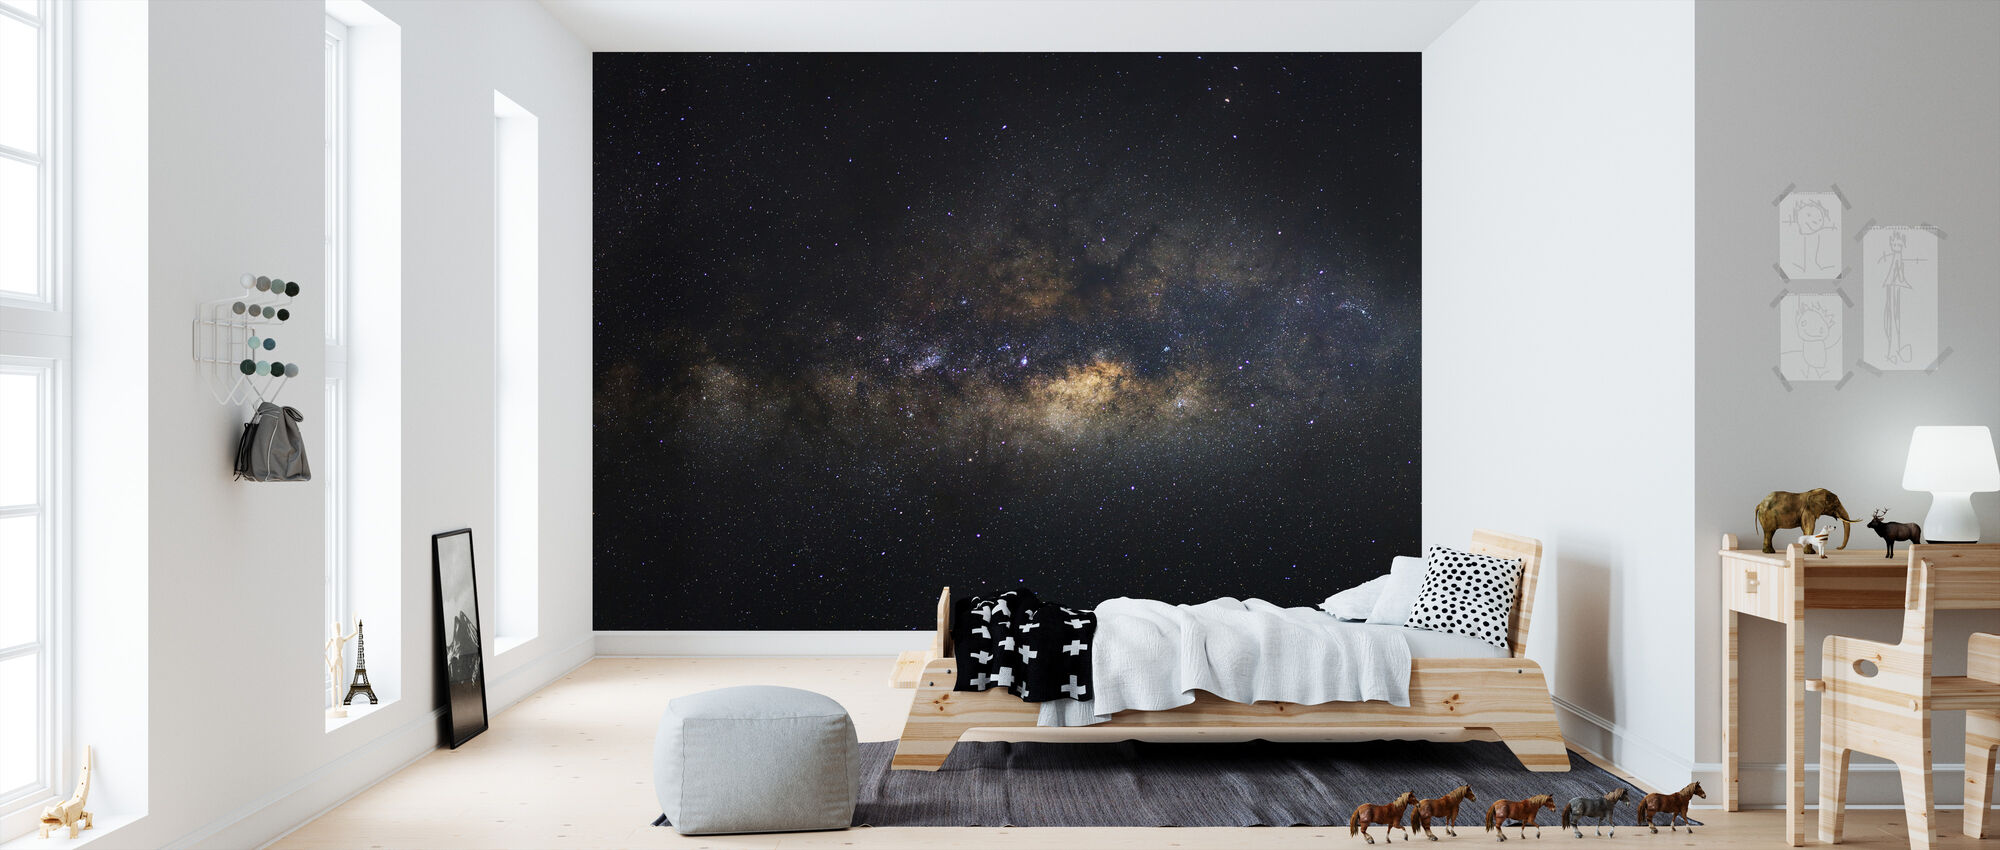 Linnunrata Galaxy - Pitkä altistuminen - Tapetti - Lastenhuone